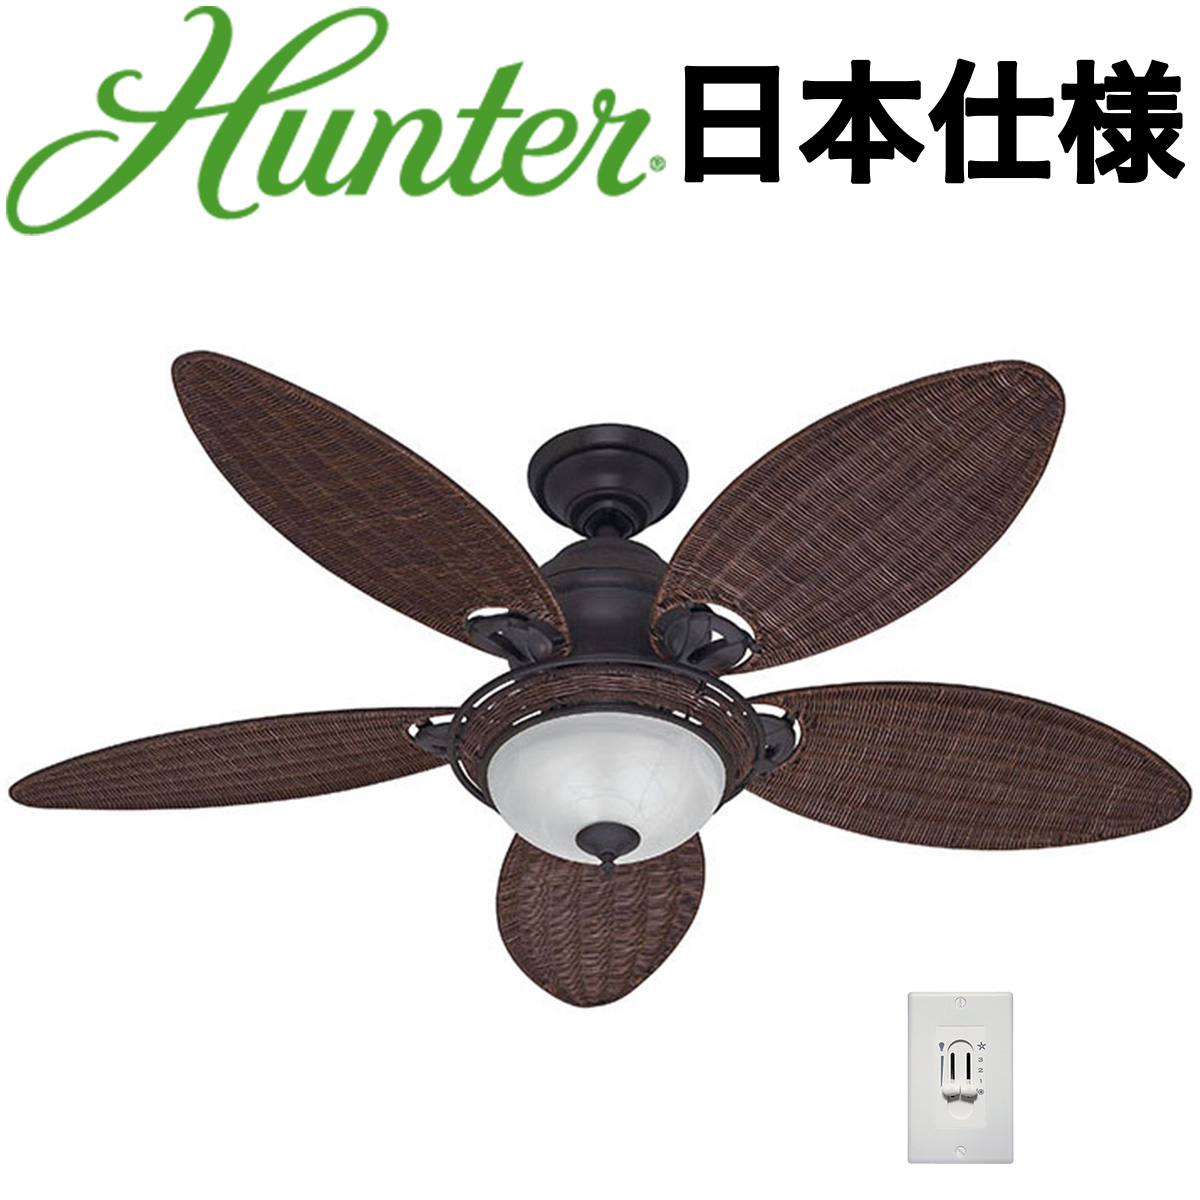 Hunter ハンター シーリングファン カリビアンブリーズ ウェザードブロンズ 54095 傾斜天井 吹き抜け おしゃれ かっこいい 送料無料